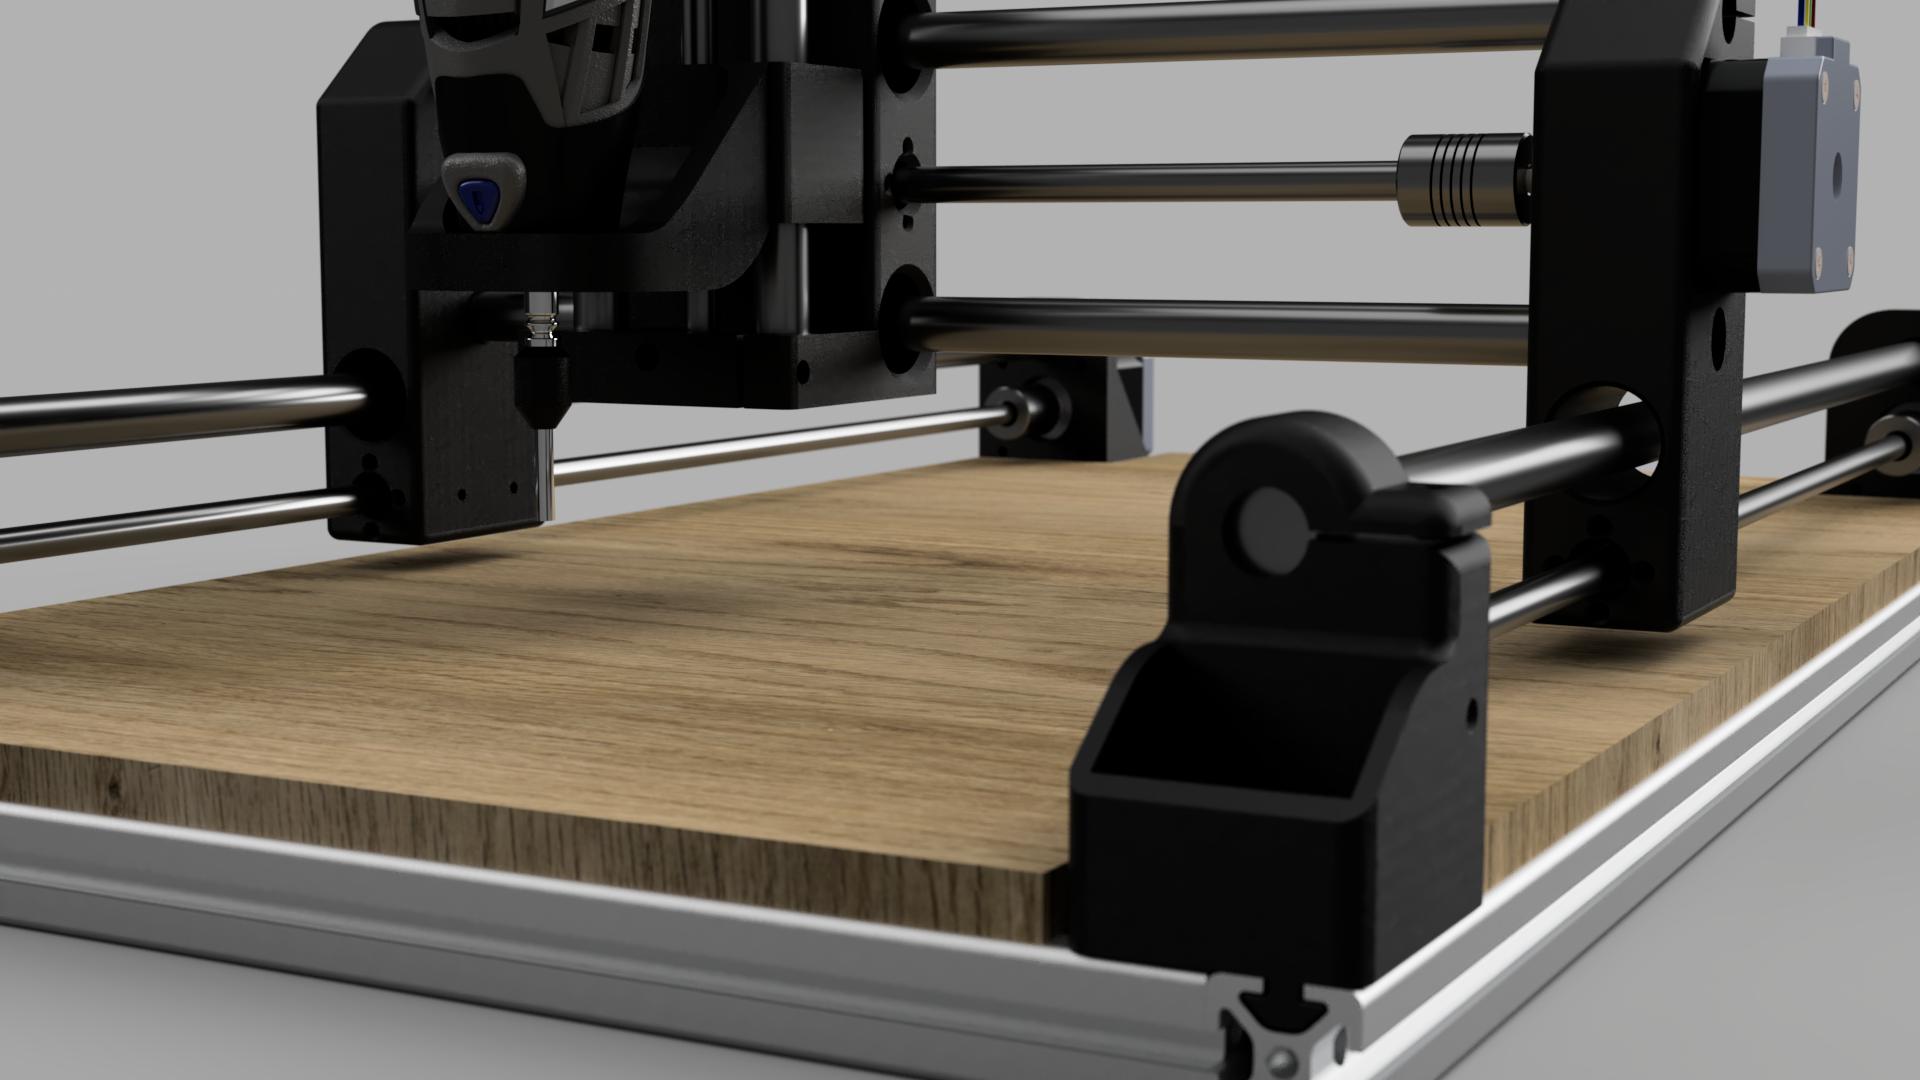 cnc_1_2018-Jun-28_01-21-22PM-000_CustomizedView22081105197_png.png Download free STL file DIY 3D Printed Dremel CNC • 3D printer object, NikodemBartnik